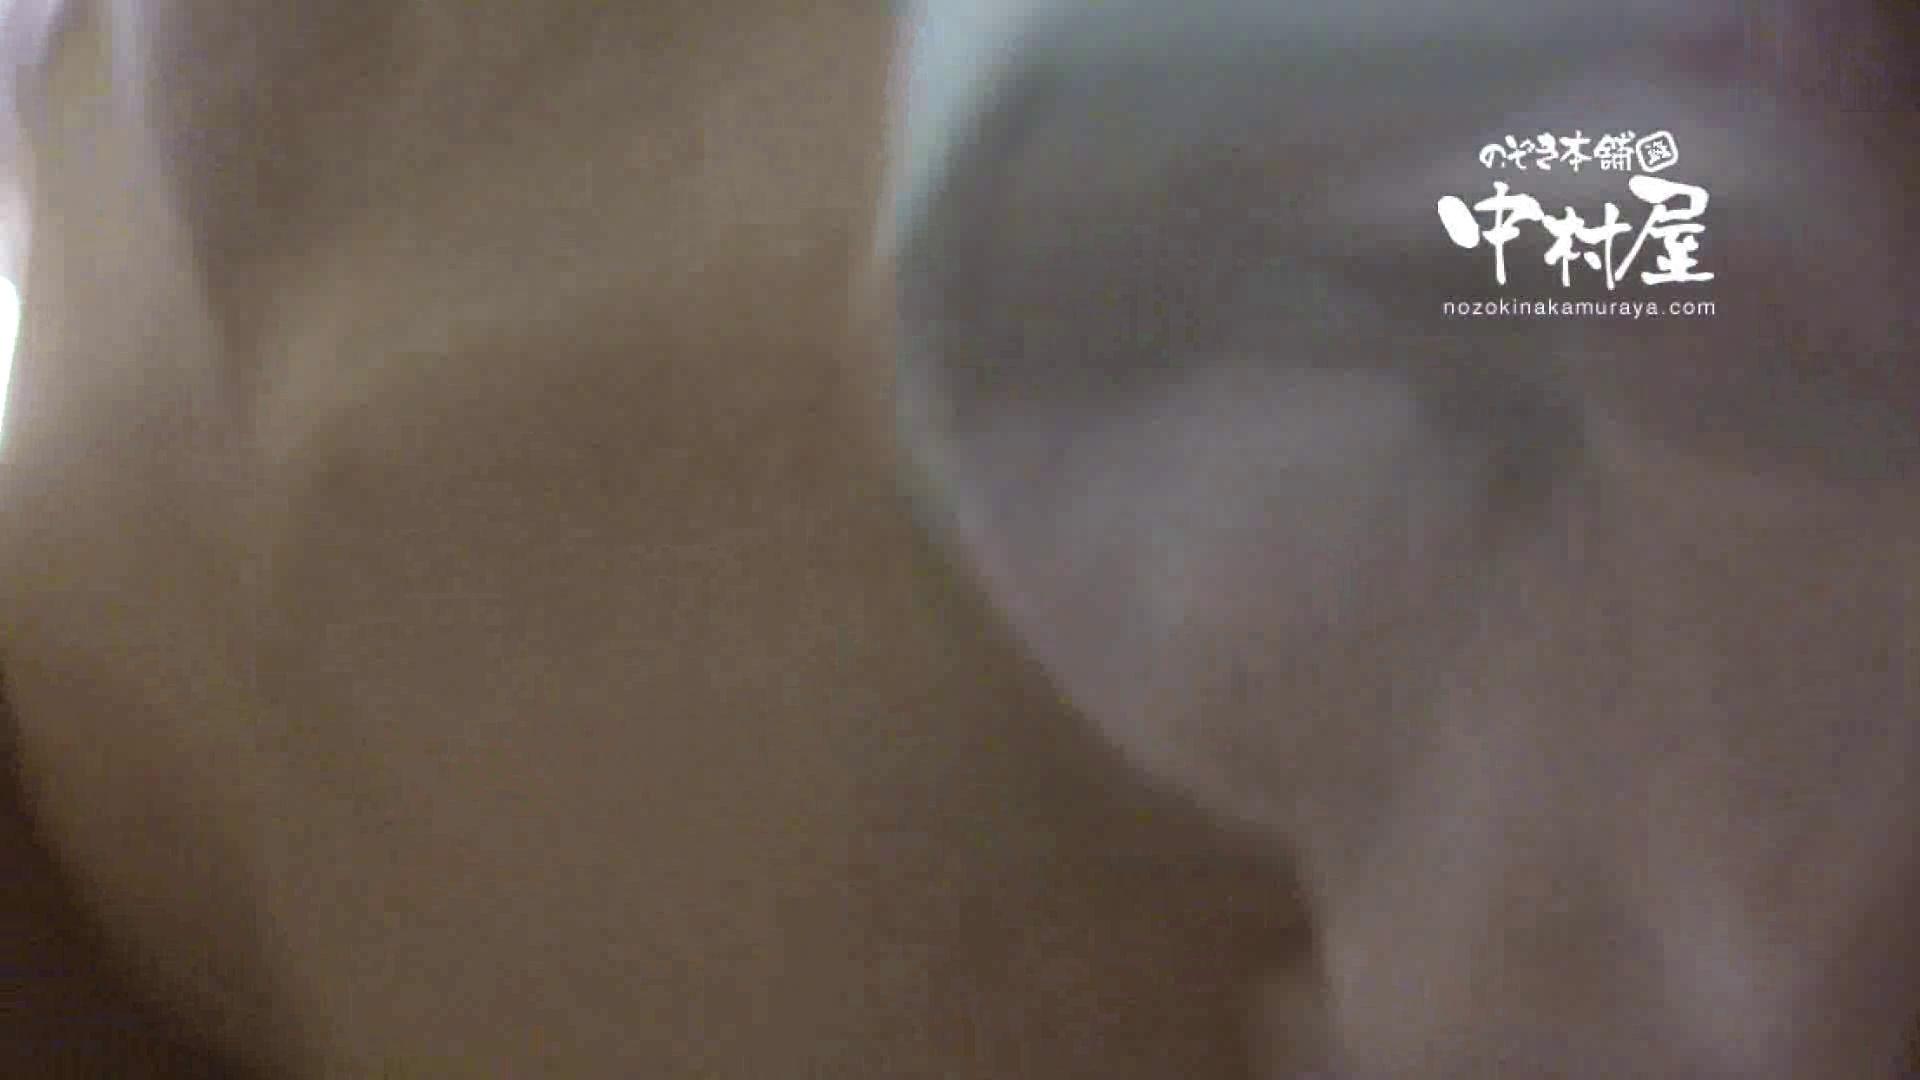 鬼畜 vol.18 居酒屋バイト時代の同僚に中出ししてみる 後編 中出し | 鬼畜  67画像 19